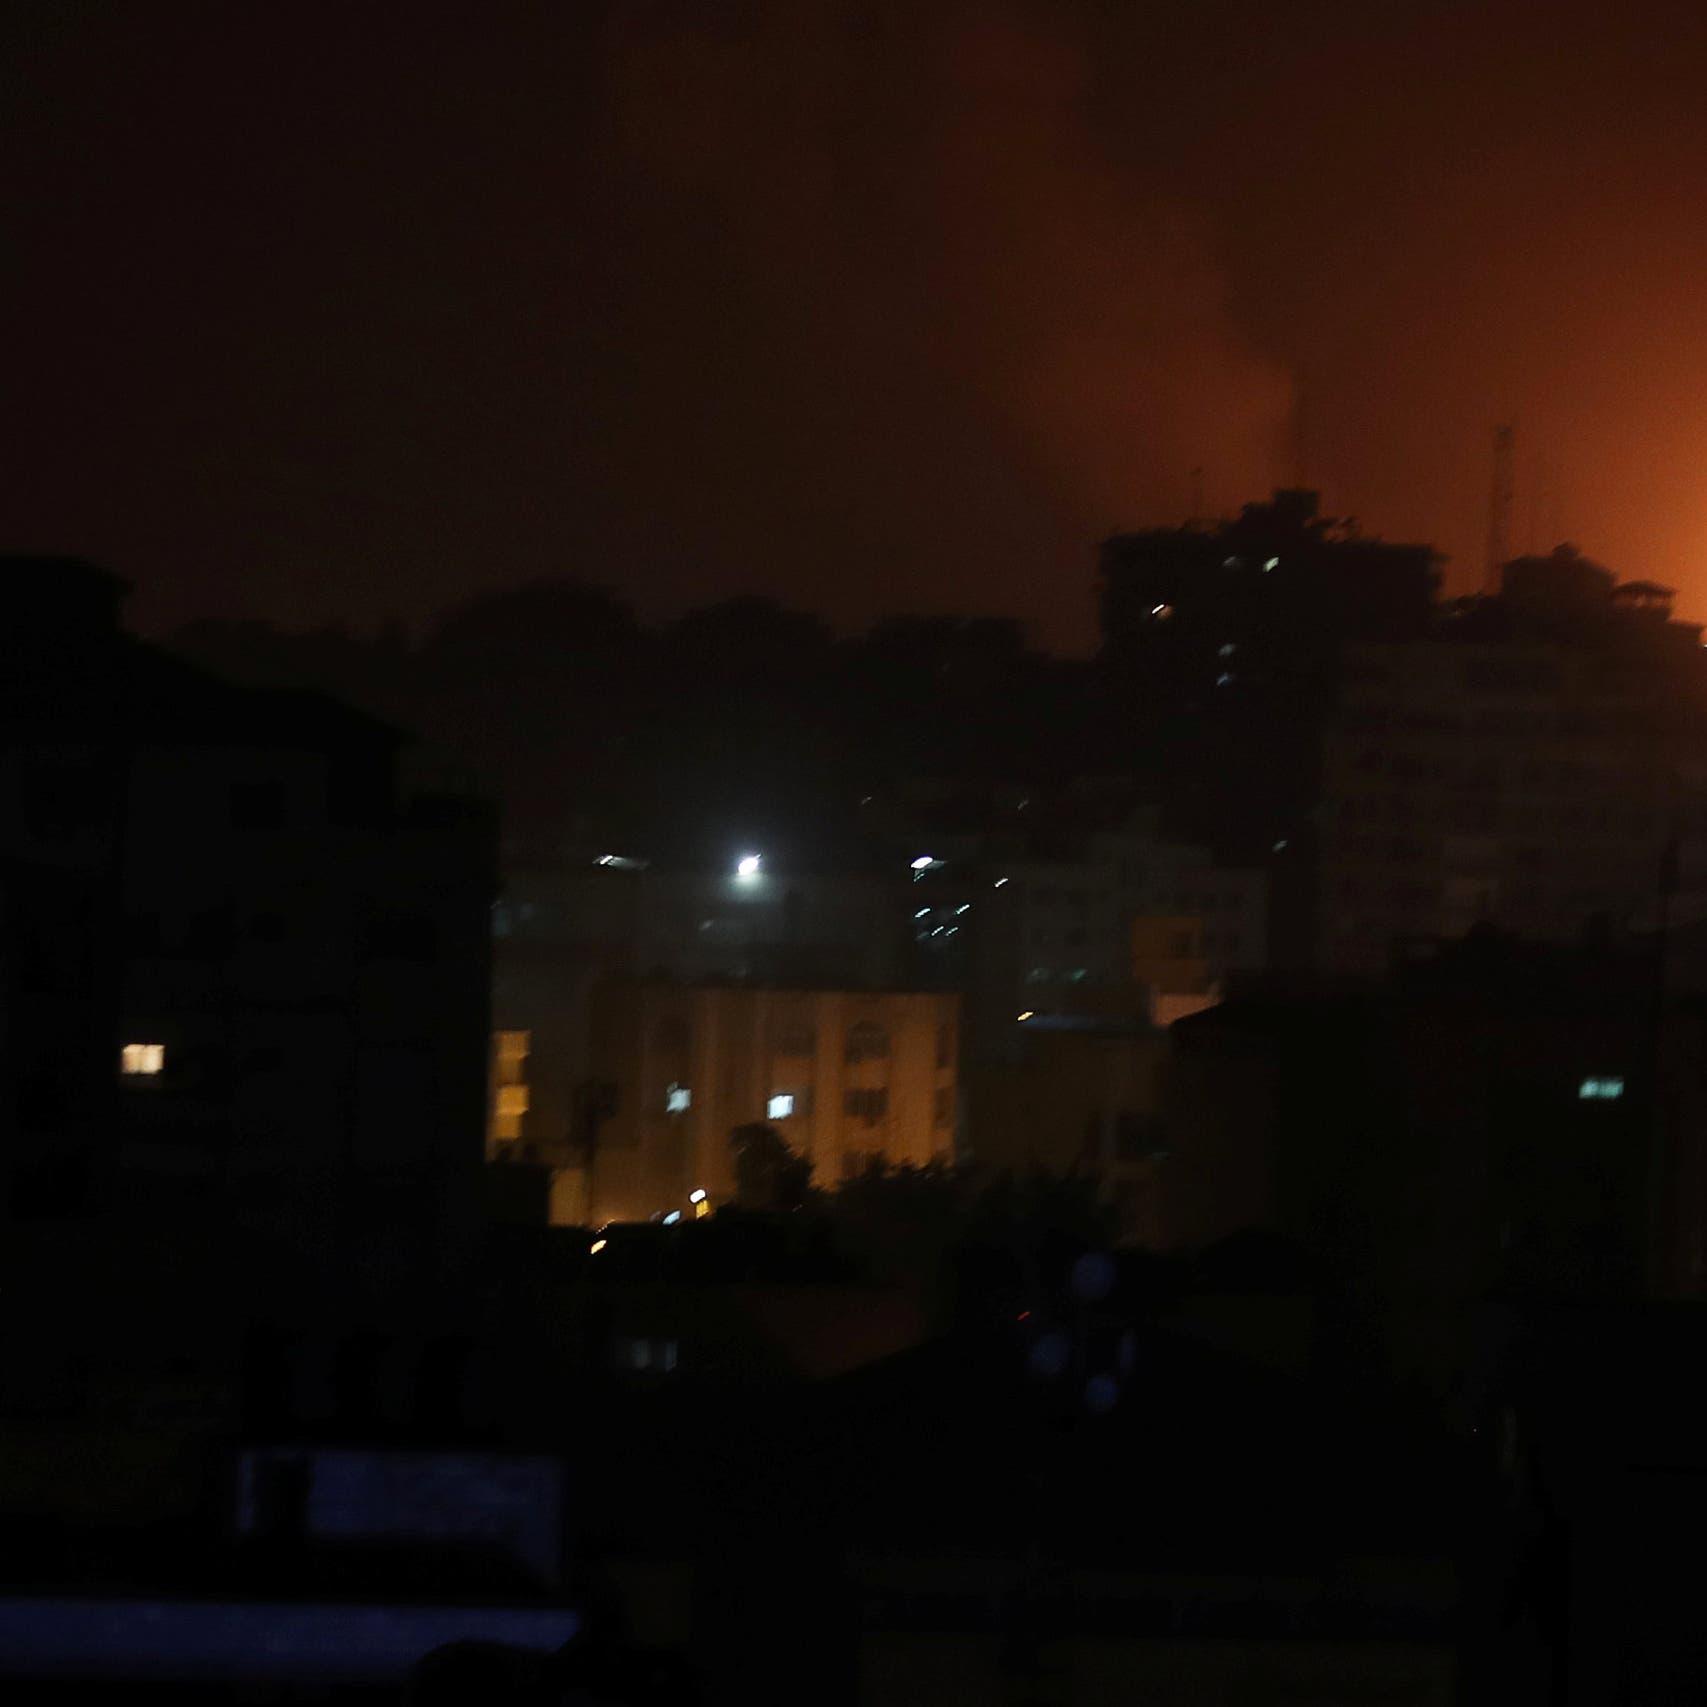 غارات إسرائيلية على غزة والفصائل ترد بإطلاق الصواريخ